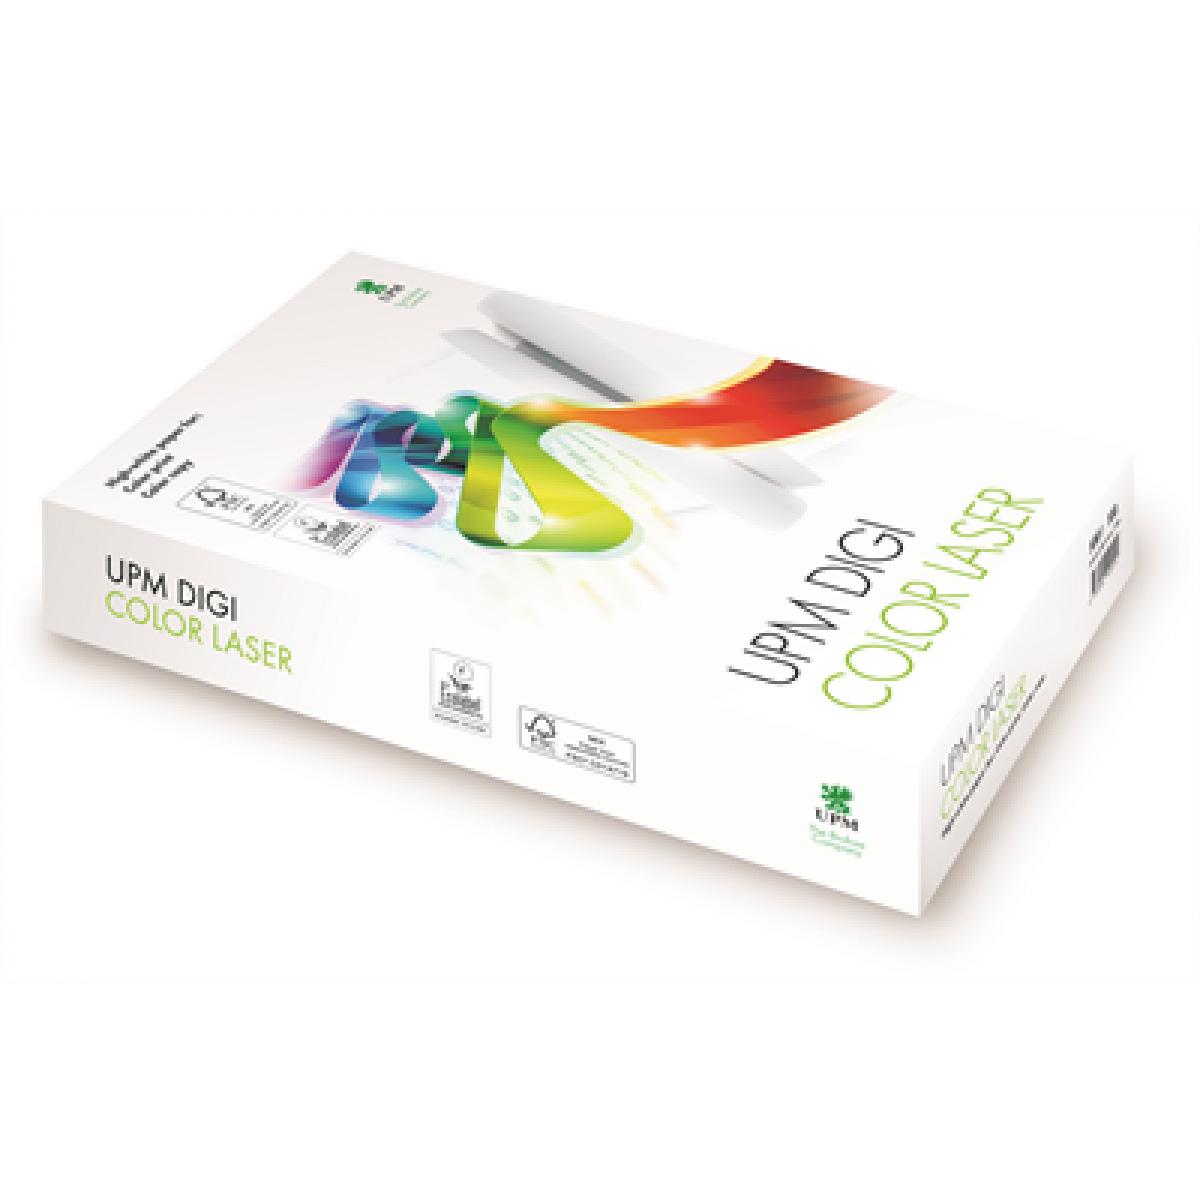 Бумага Digi Color Laser A3 300гр./м2., 125листов UPM - фото 1